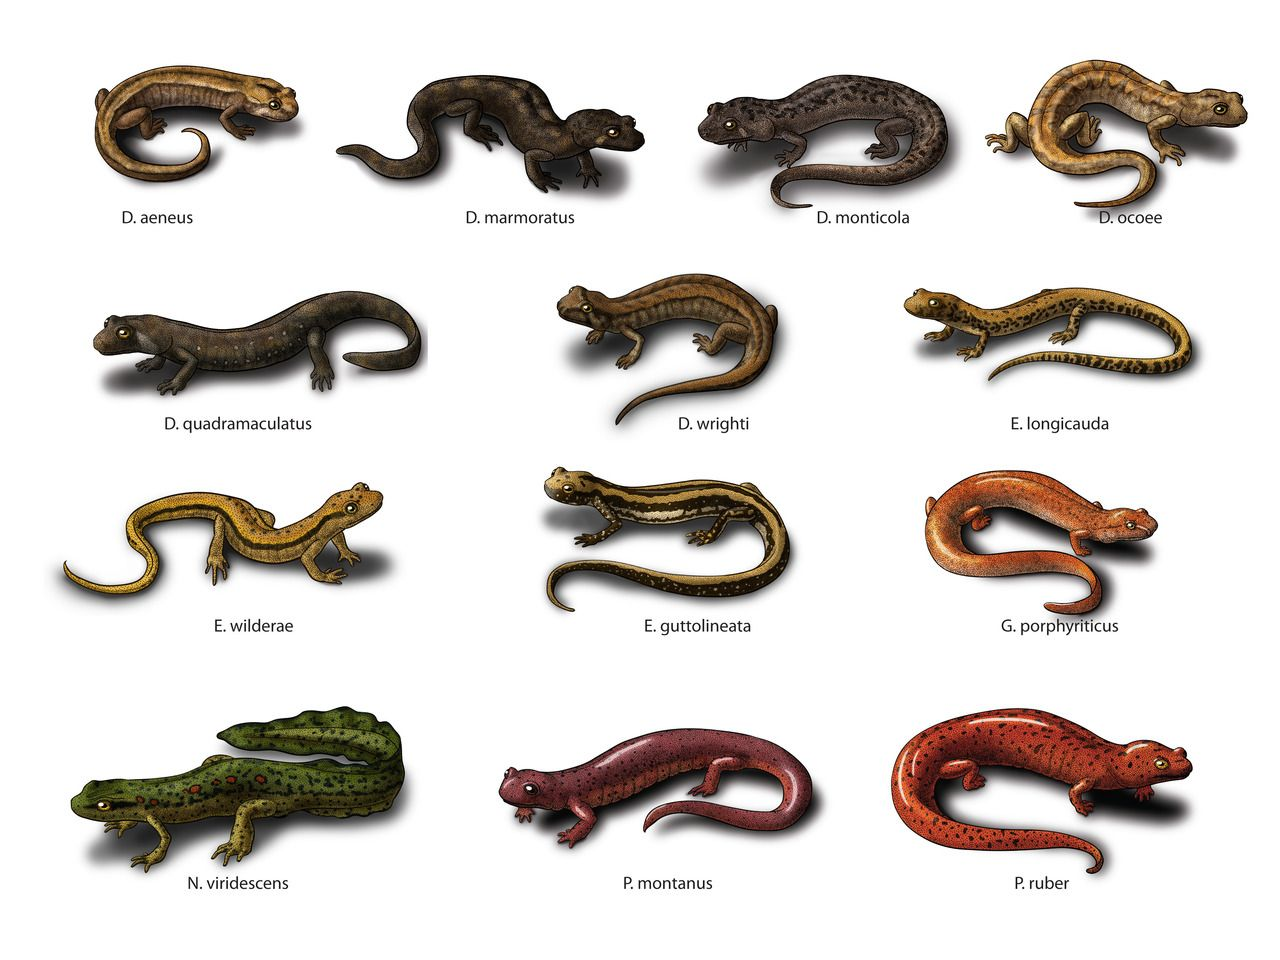 Cryptobranchus North Georgia Stream Salamanders Done For